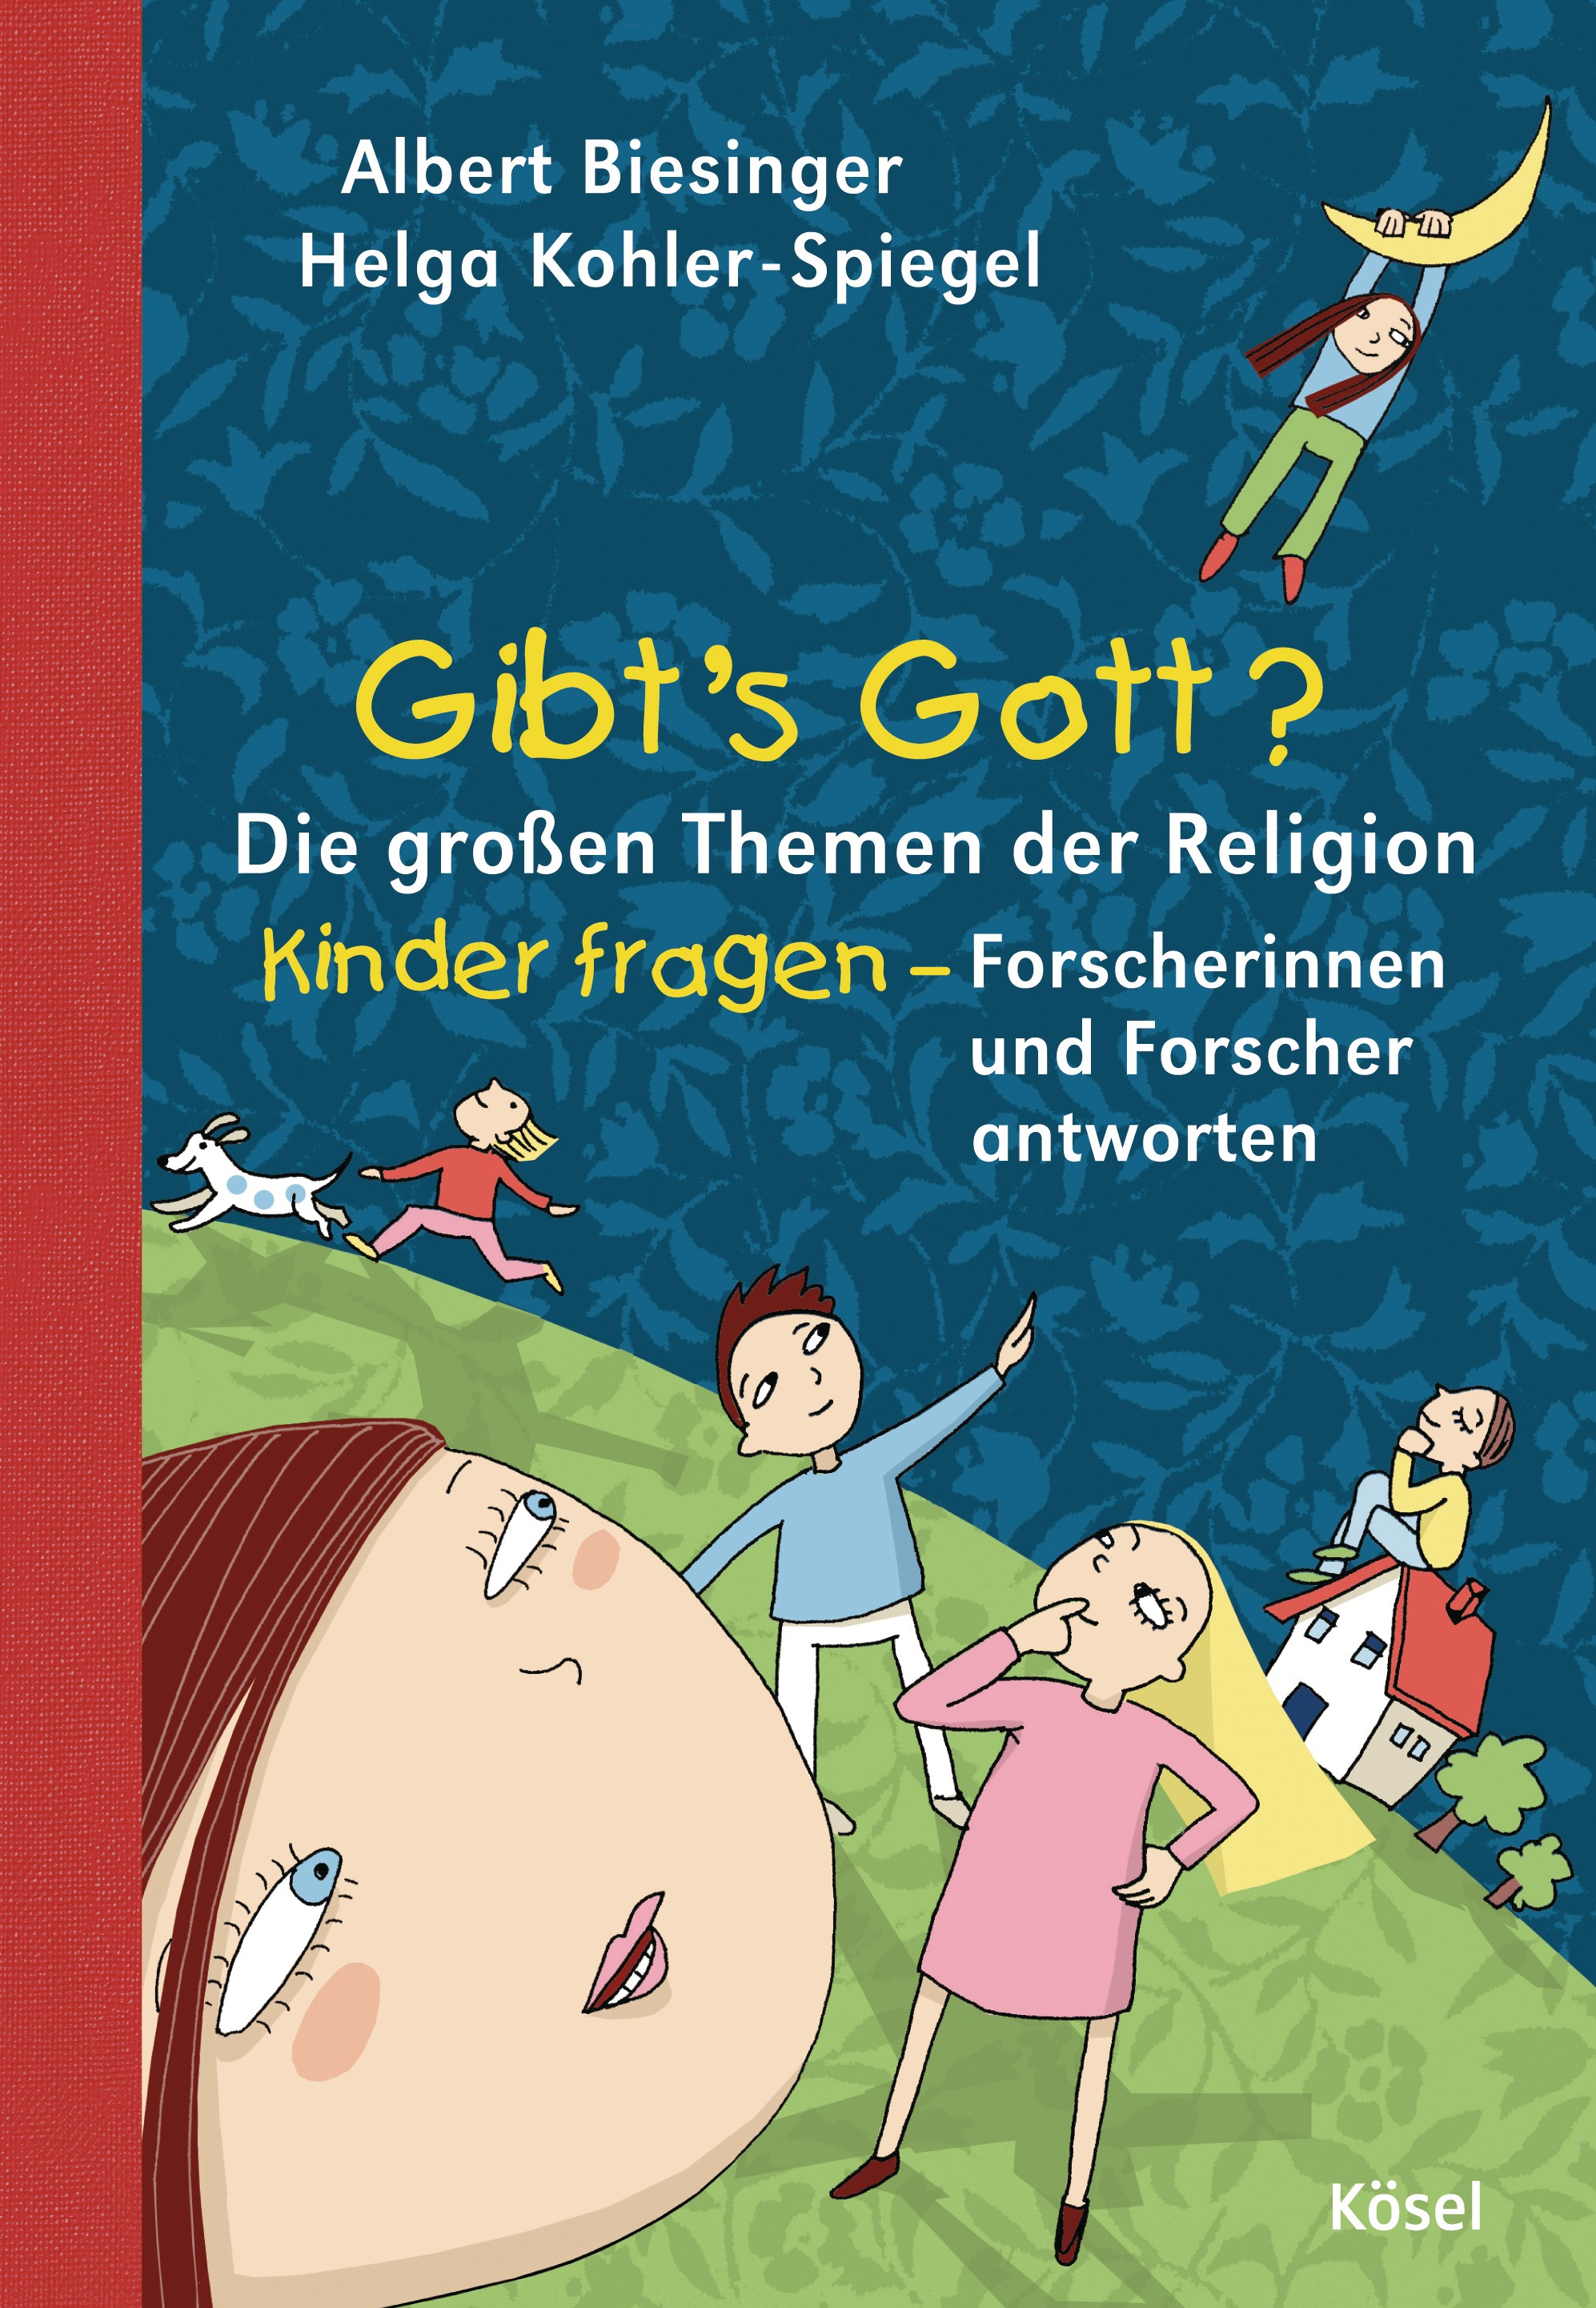 Buchtipps | SPATZ - Das Mit-Mach-Heft | SPATZ | Don Bosco Verlag